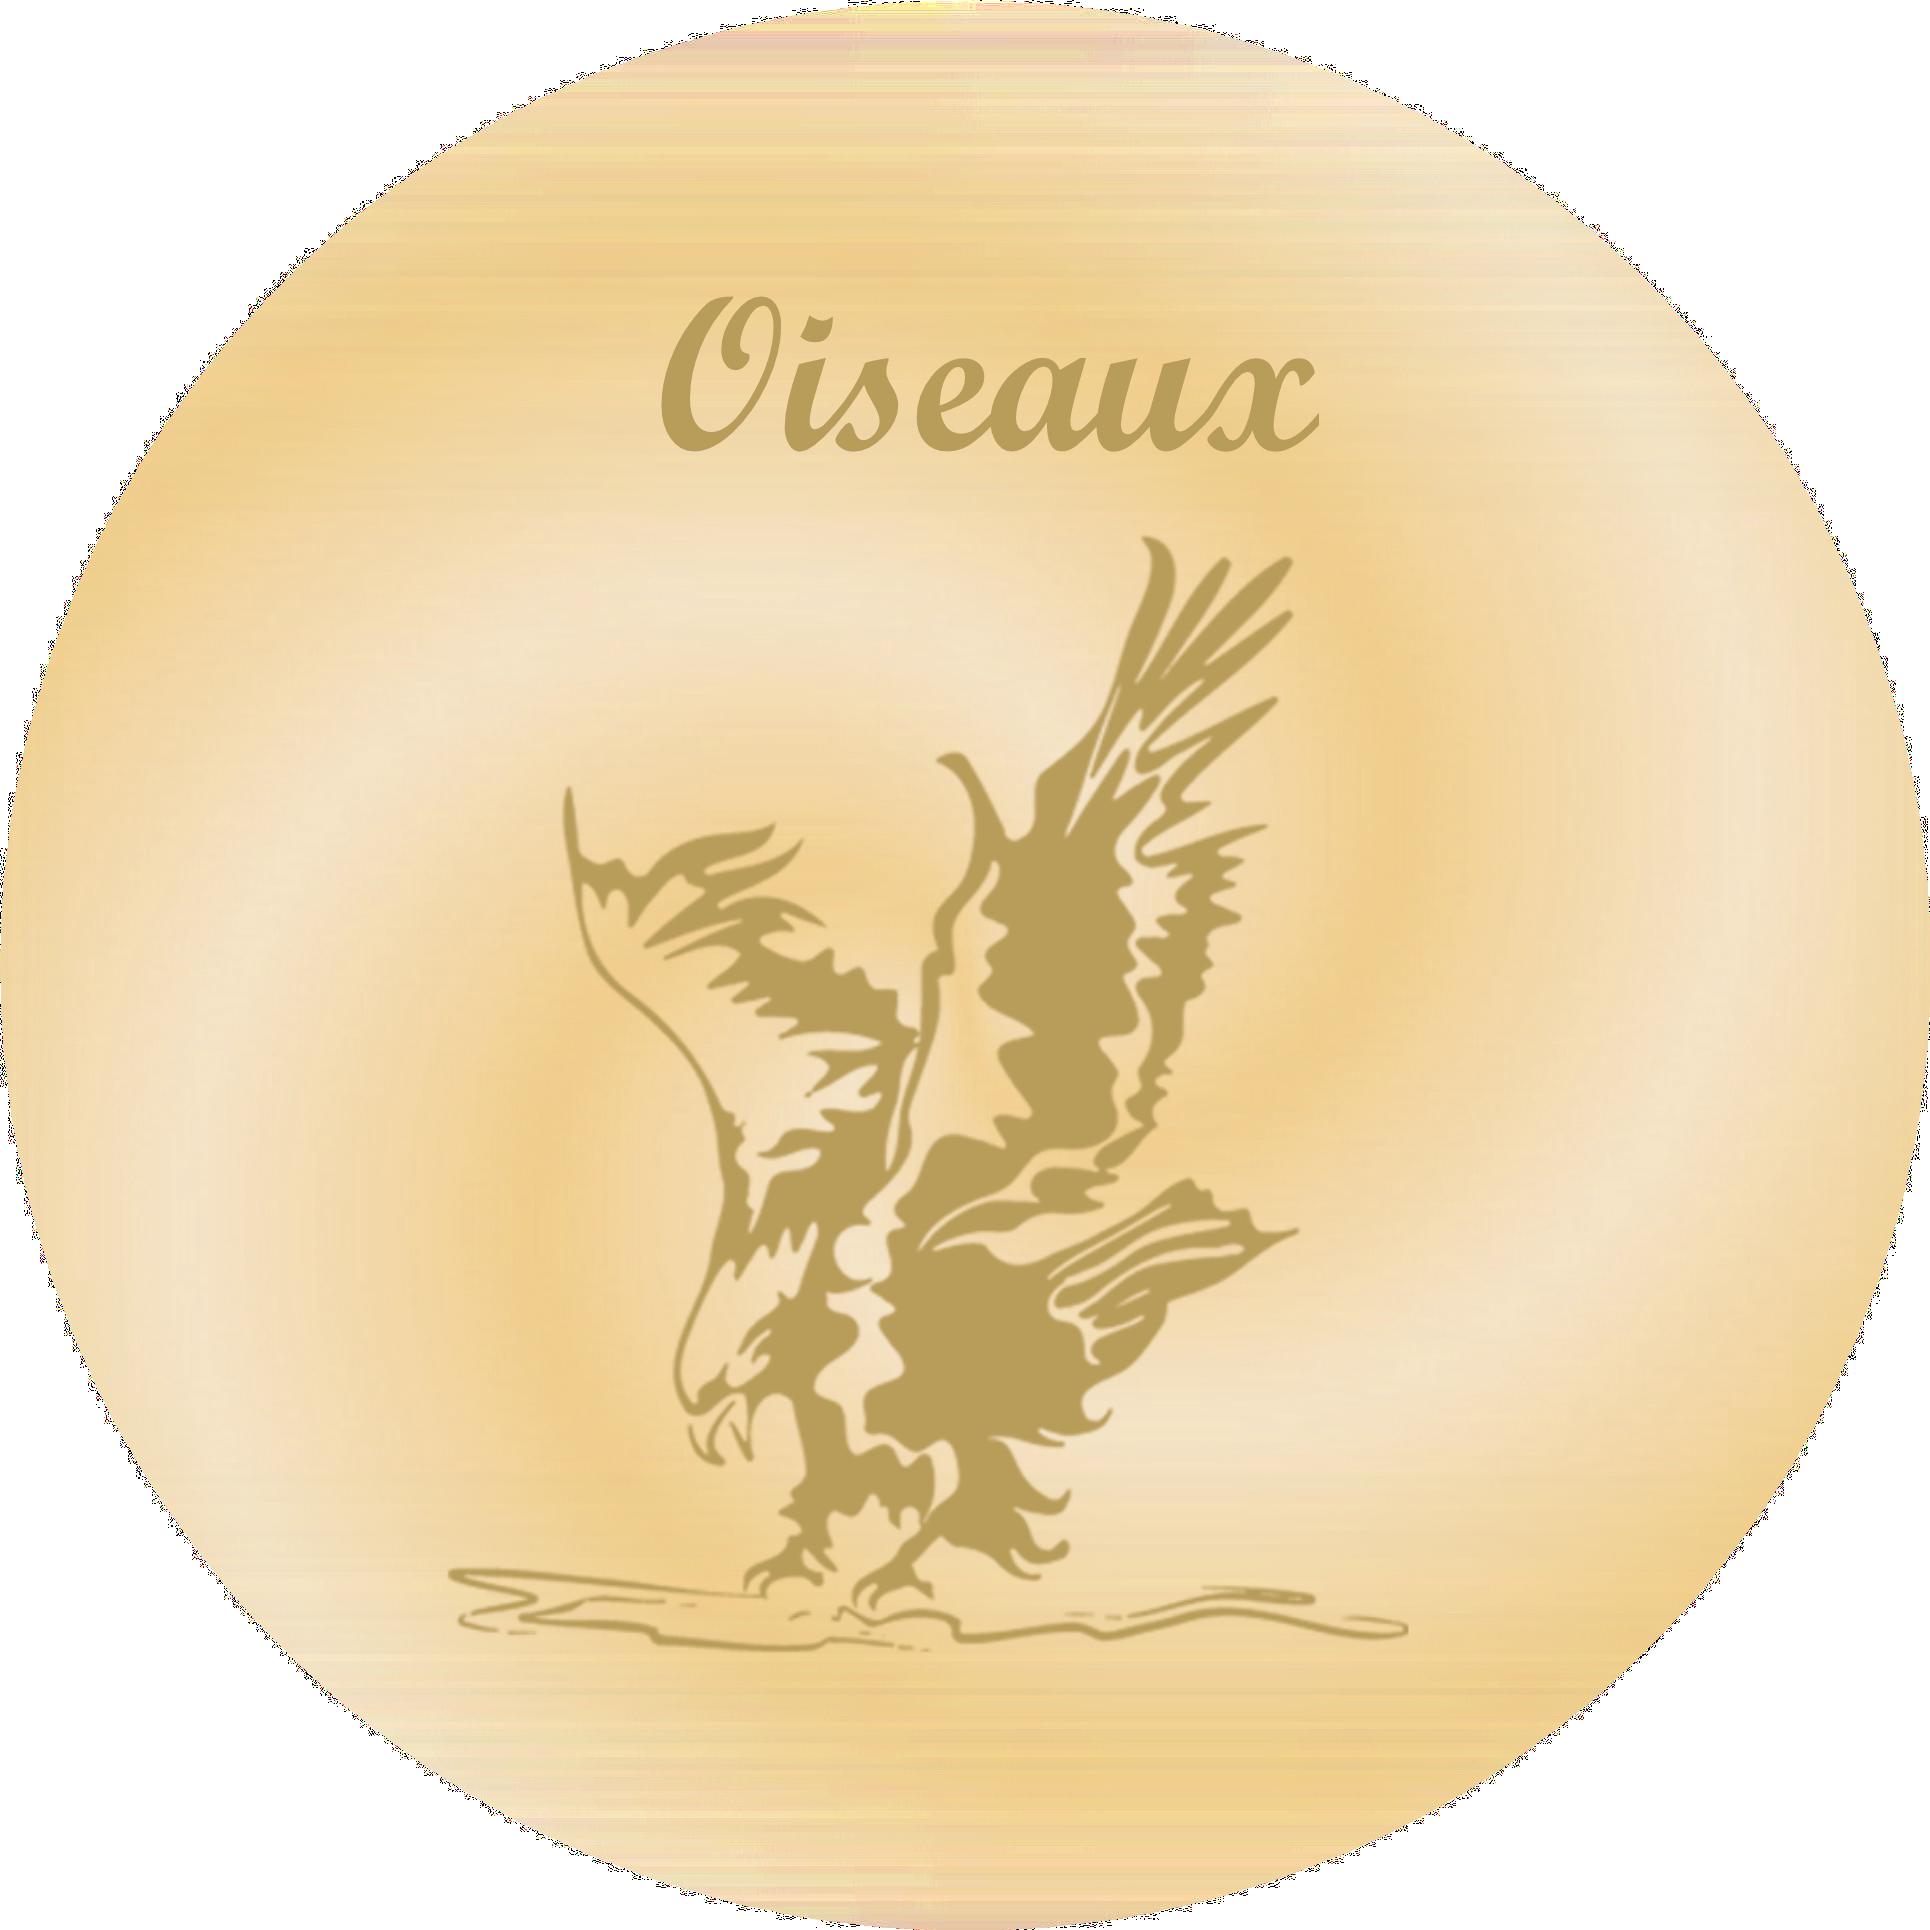 Oiseaux - Plaques funéraires gravées or